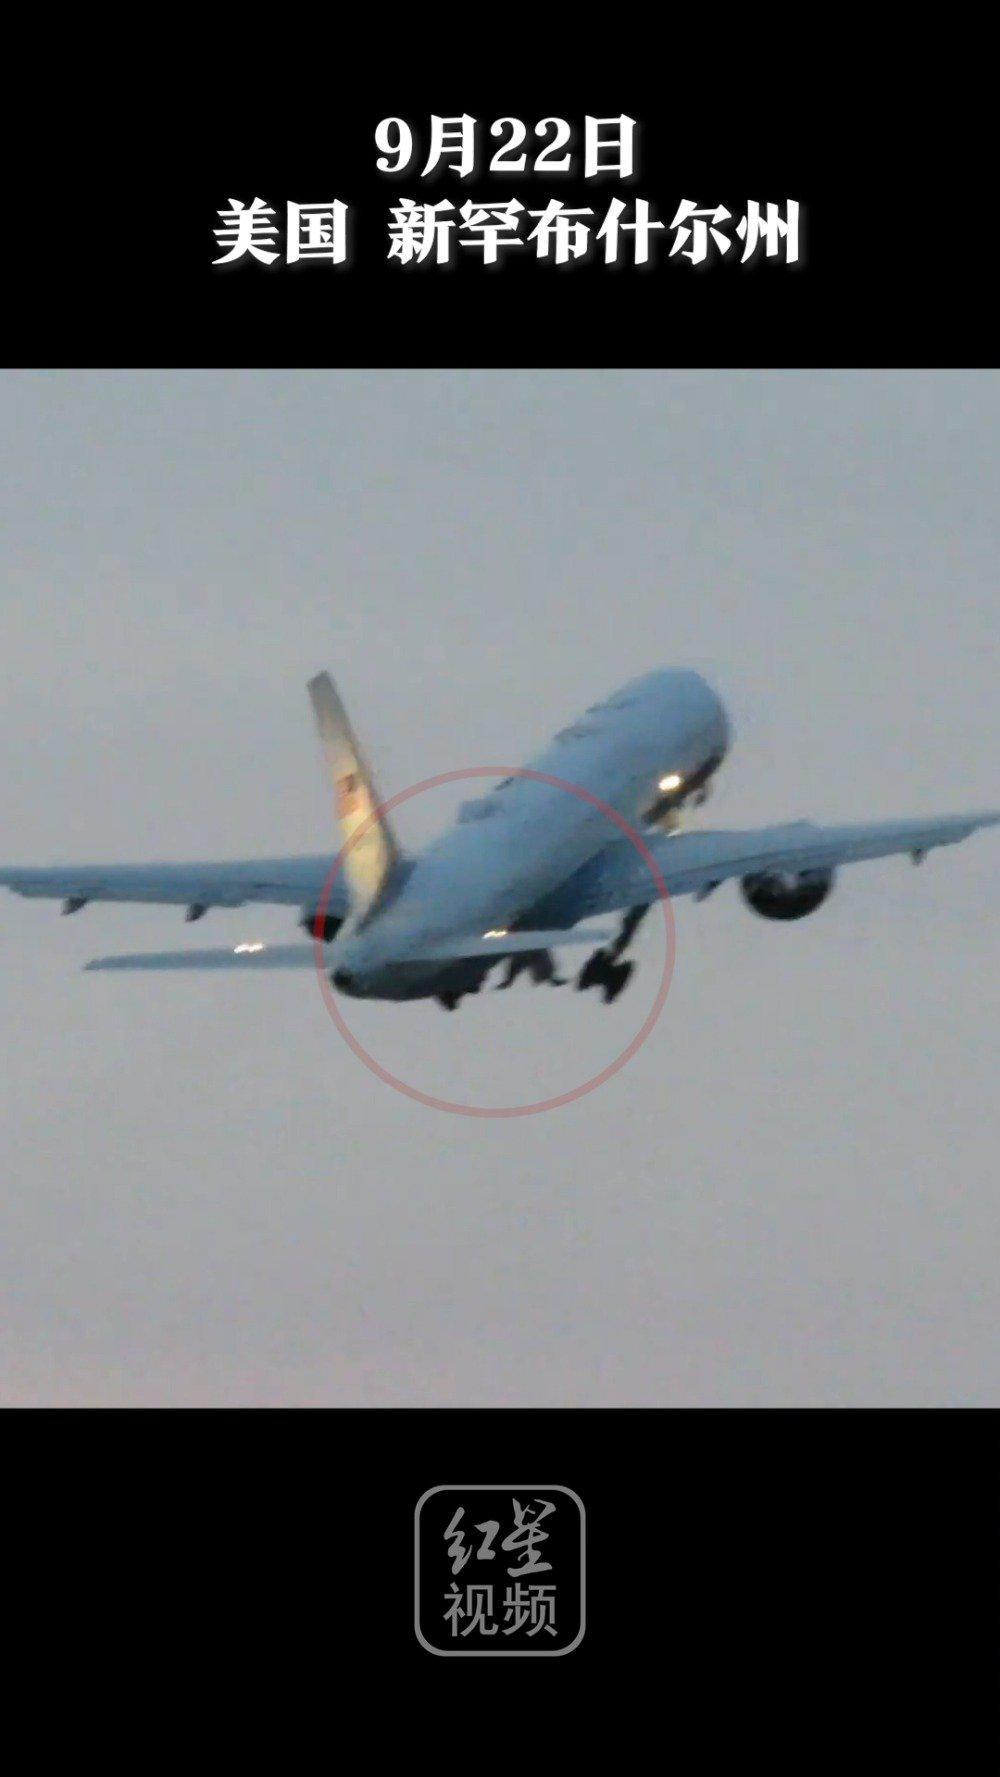 9月22日,美国副总统彭斯所乘专机遭遇鸟击,紧急折返